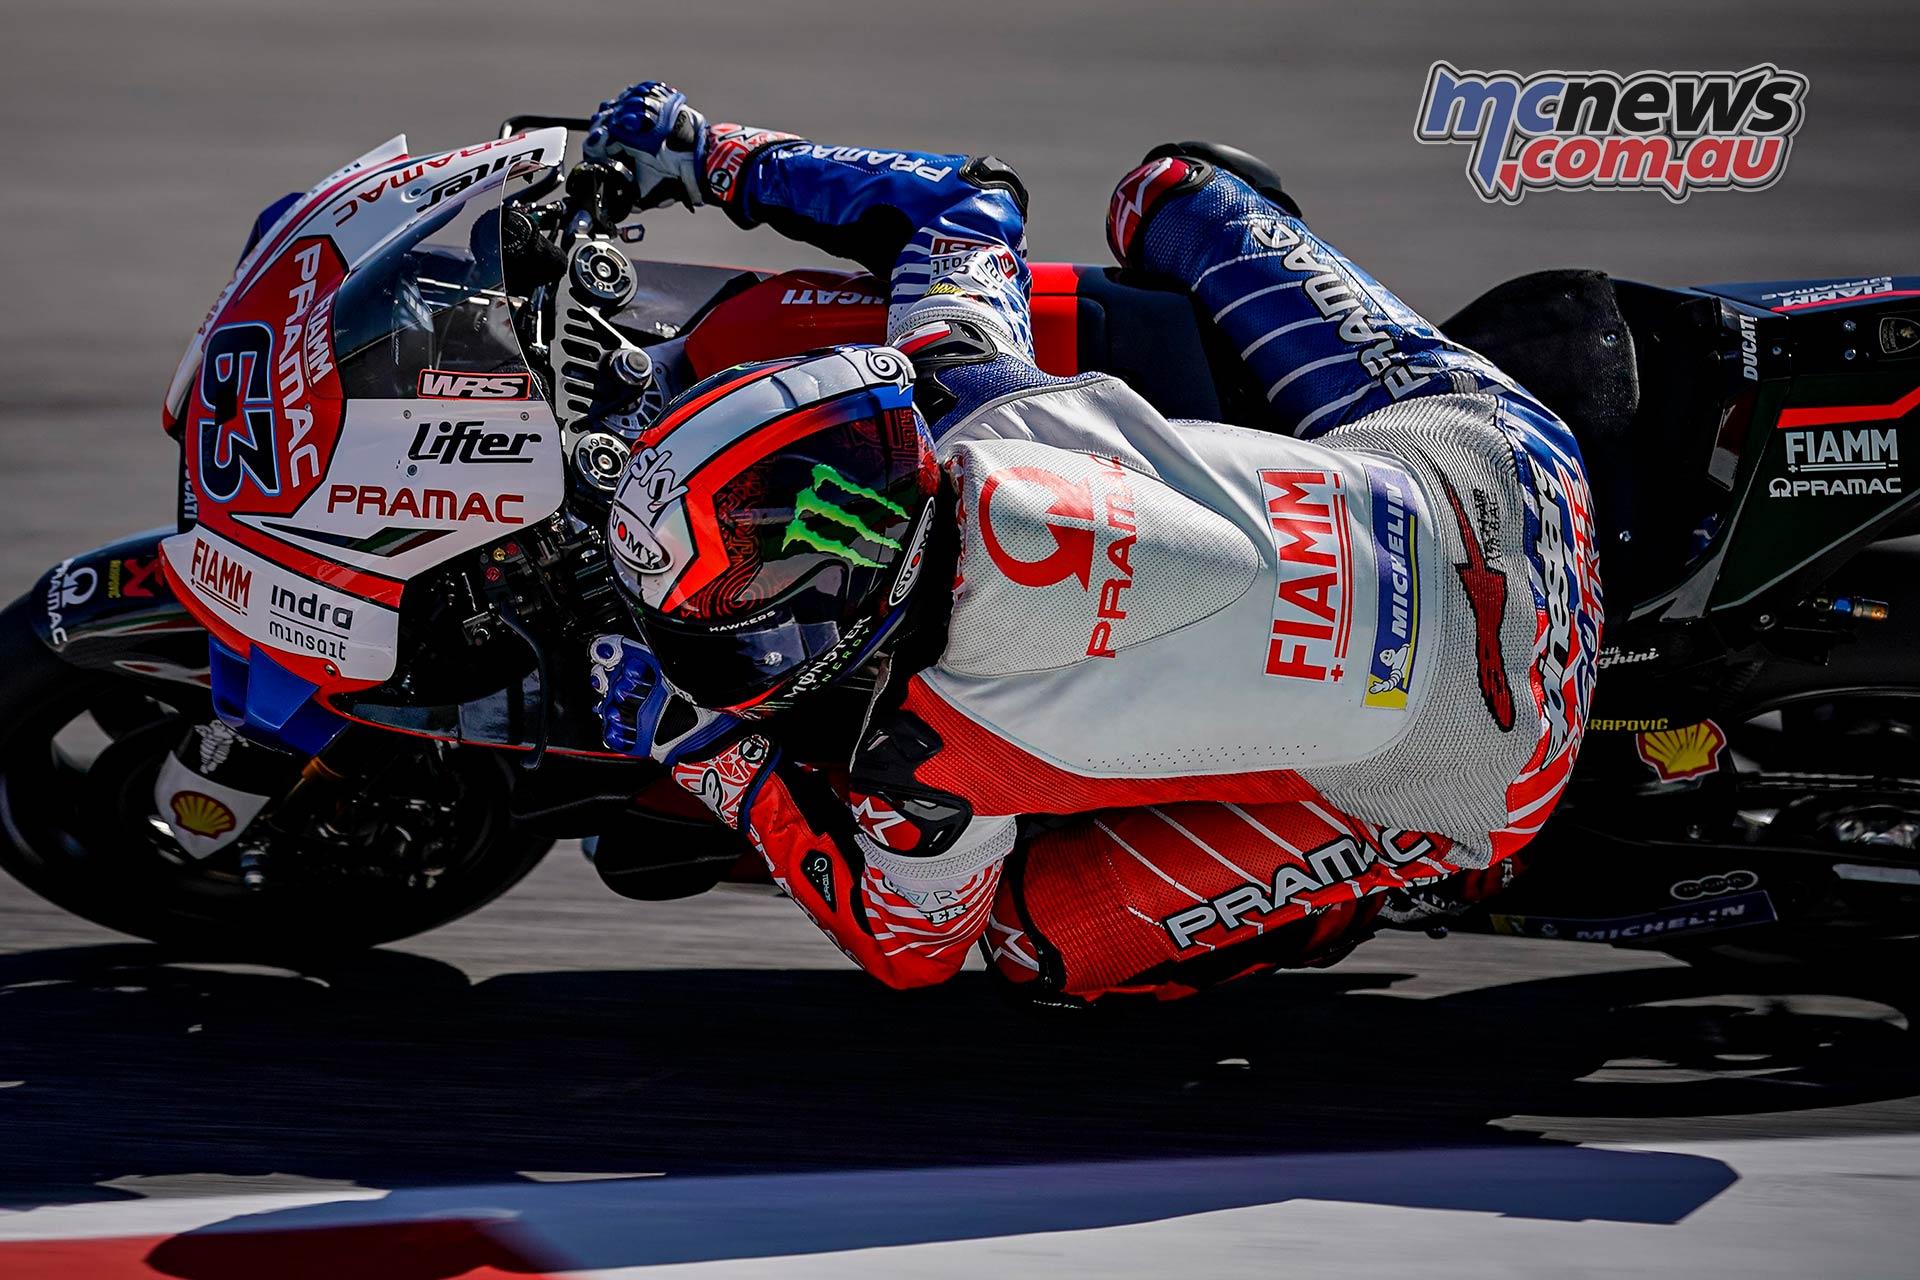 MotoGP Rnd Misano QP Pecco Bagnaia